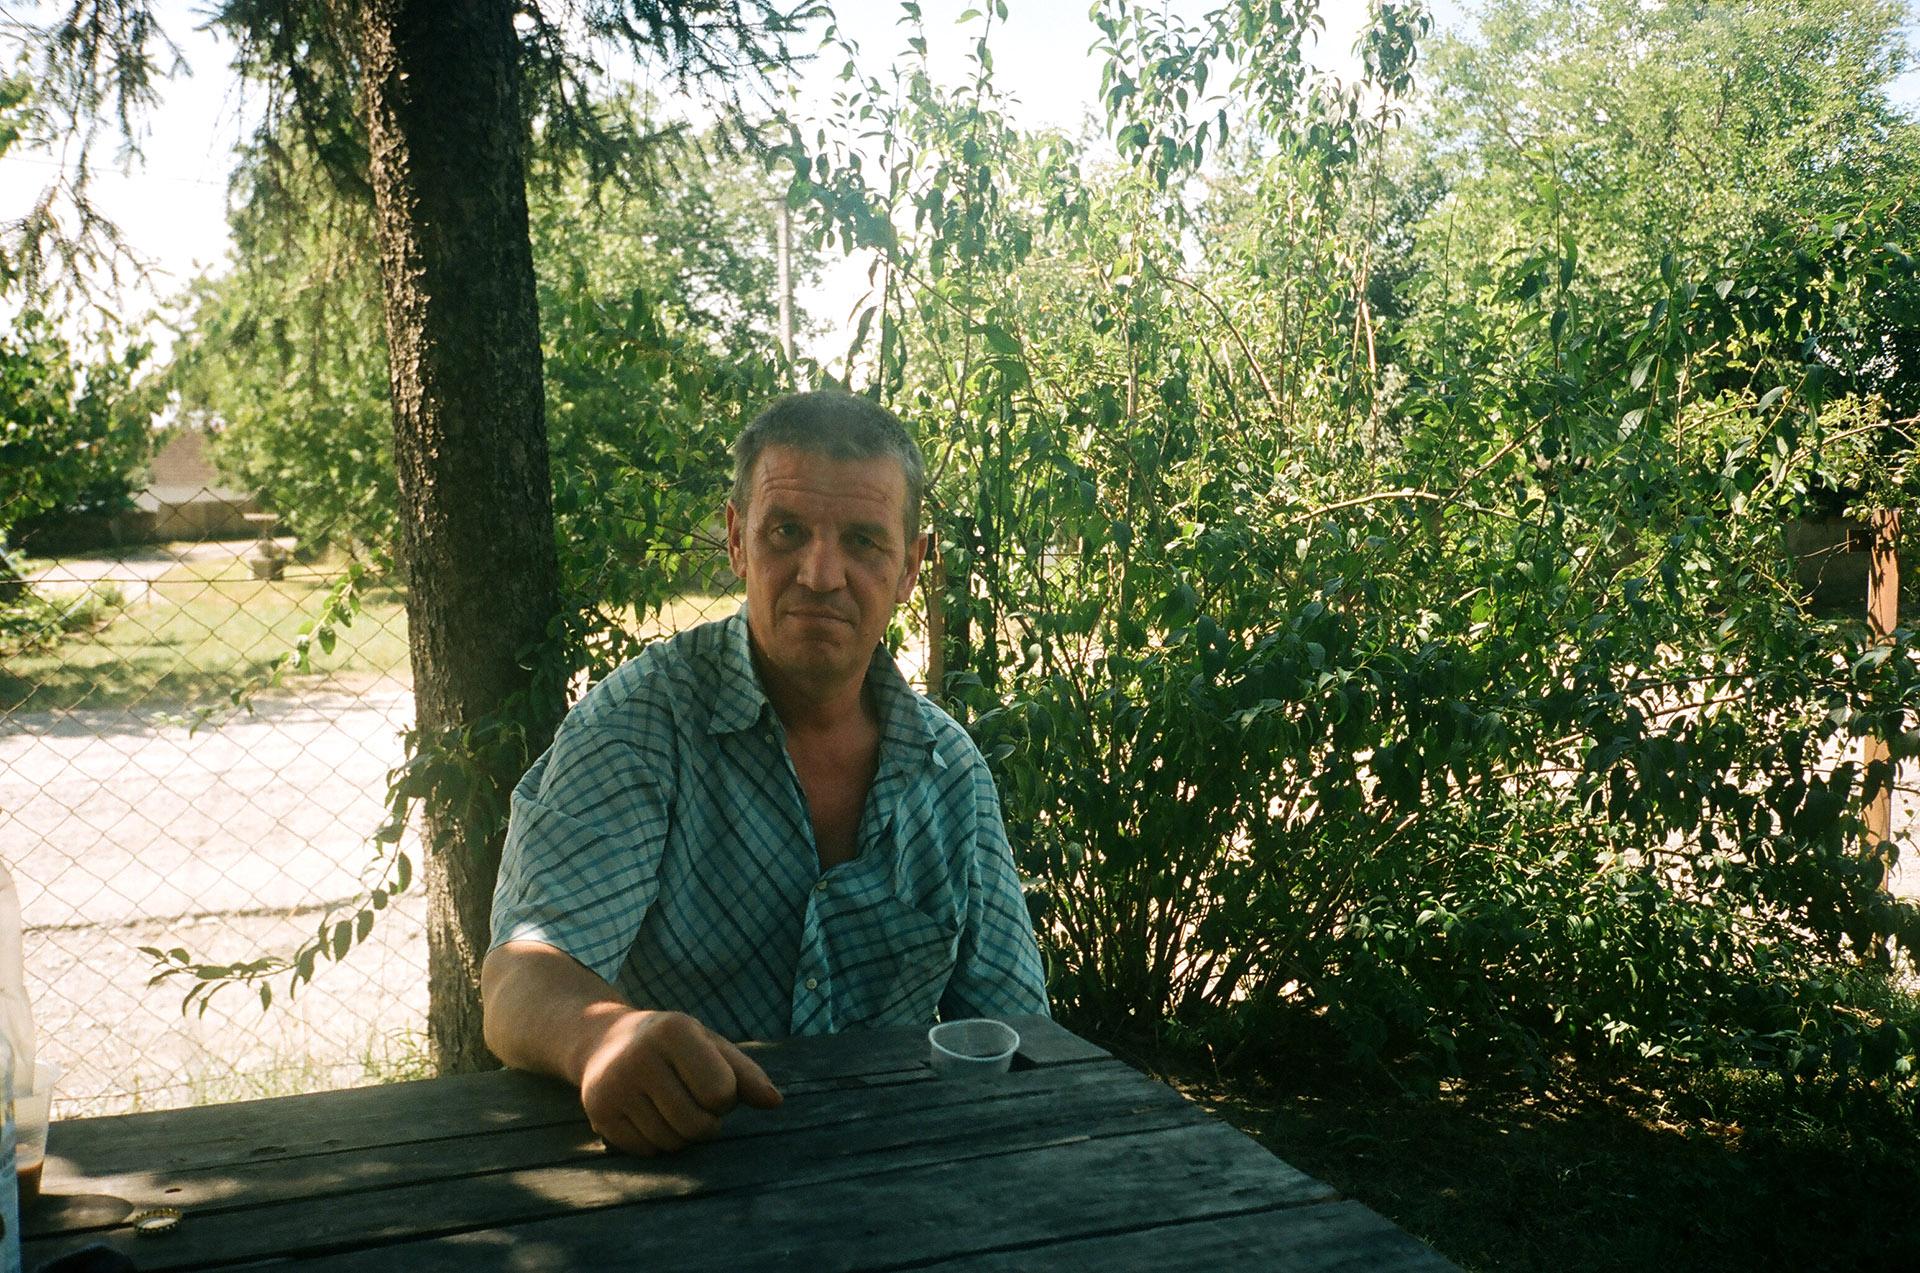 Чоловік сидить на лавці перед деревом